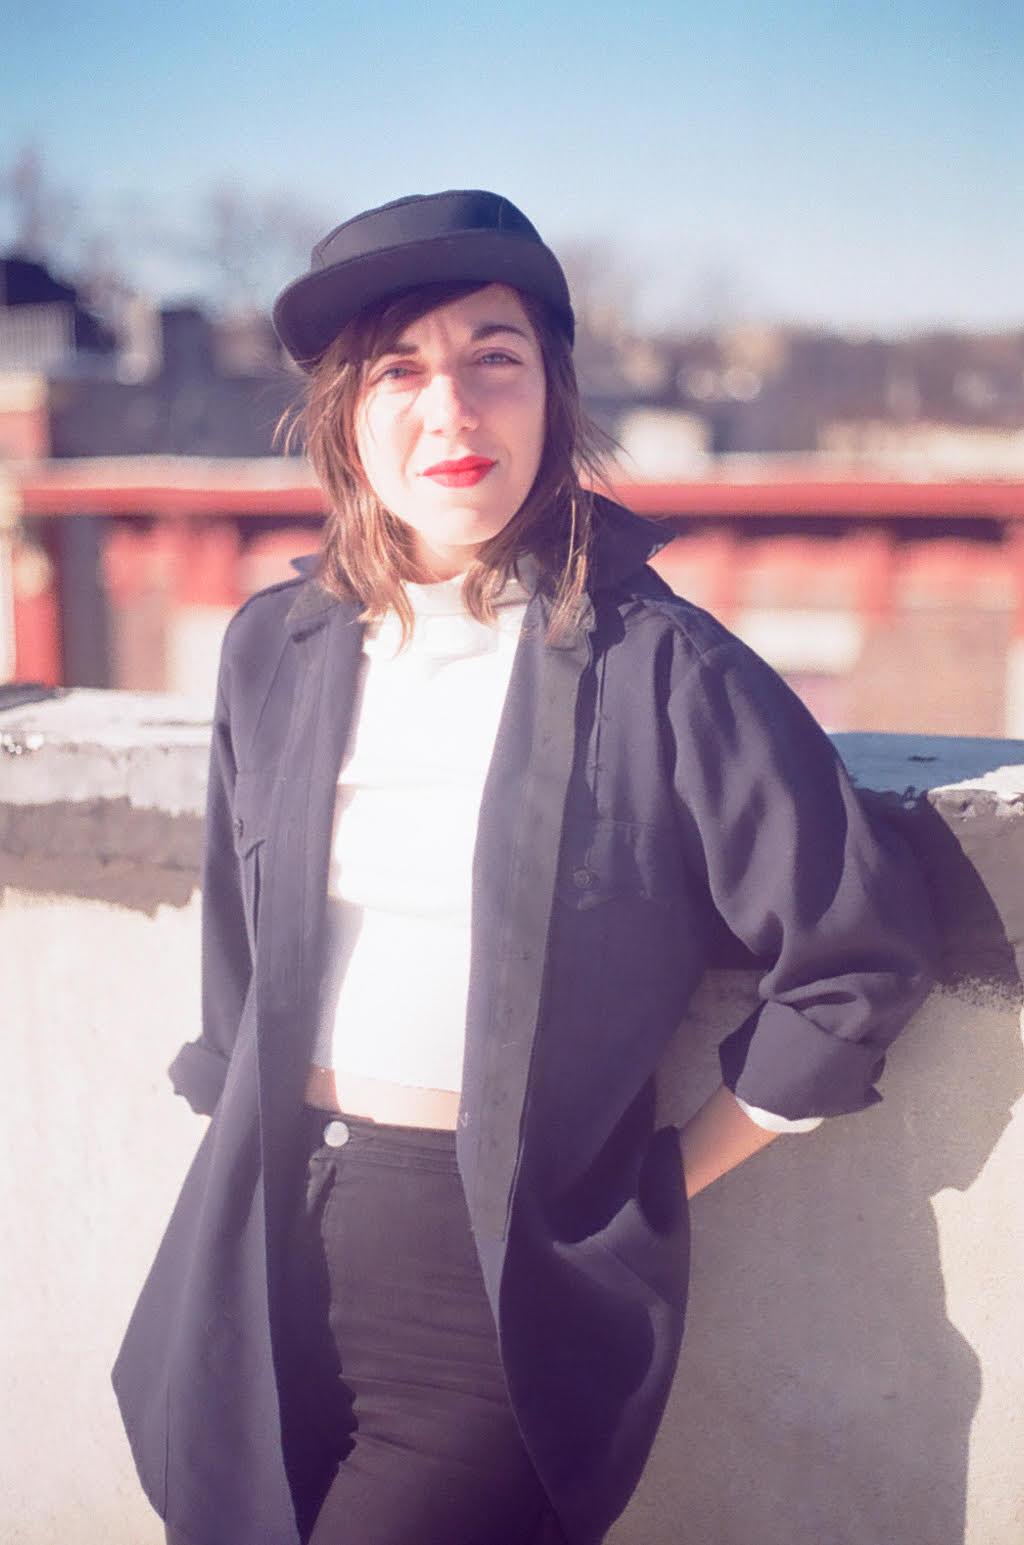 Shira Erlichman